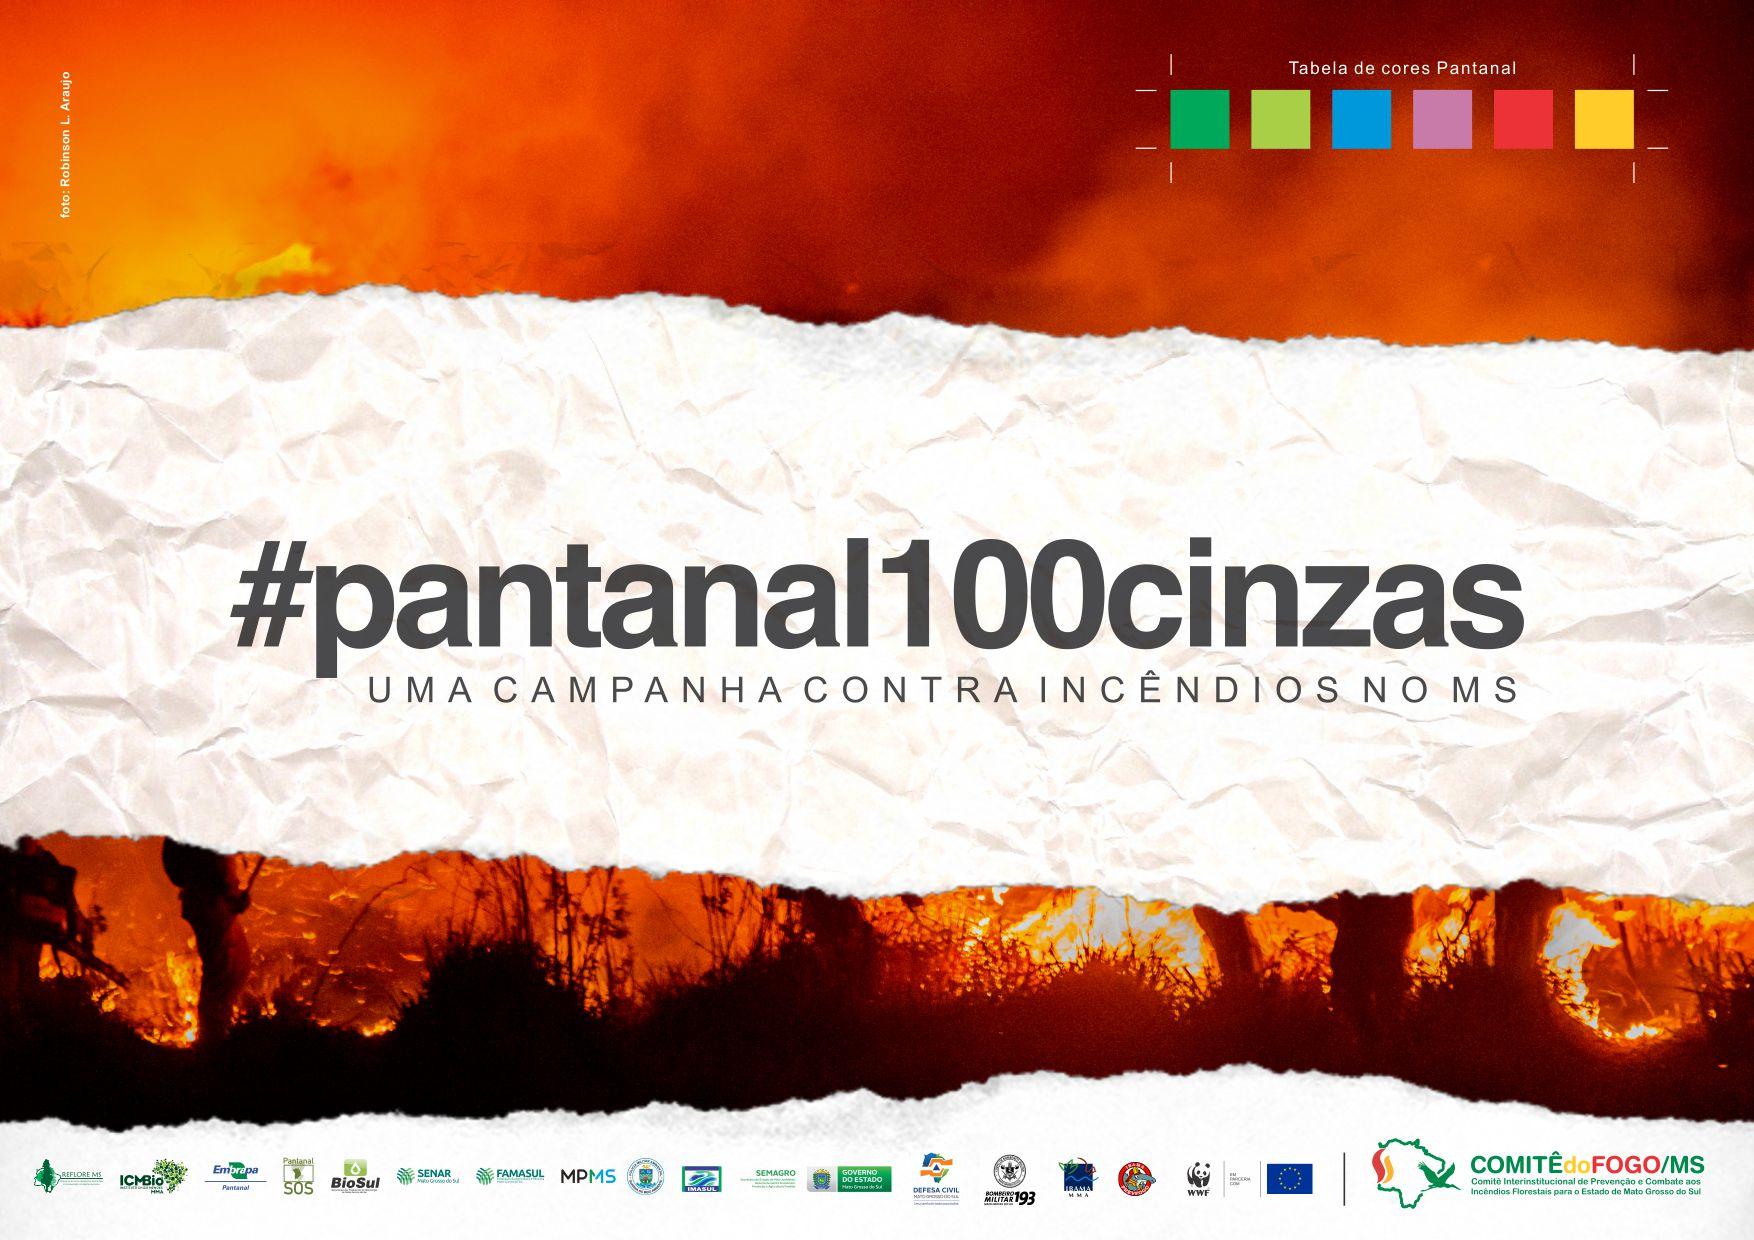 Painel da campanha #Pantanal100cinzas do governo de Mato Grosso: decreto de emergência ambiental e ação de conscientização (Foto: Reprodução)